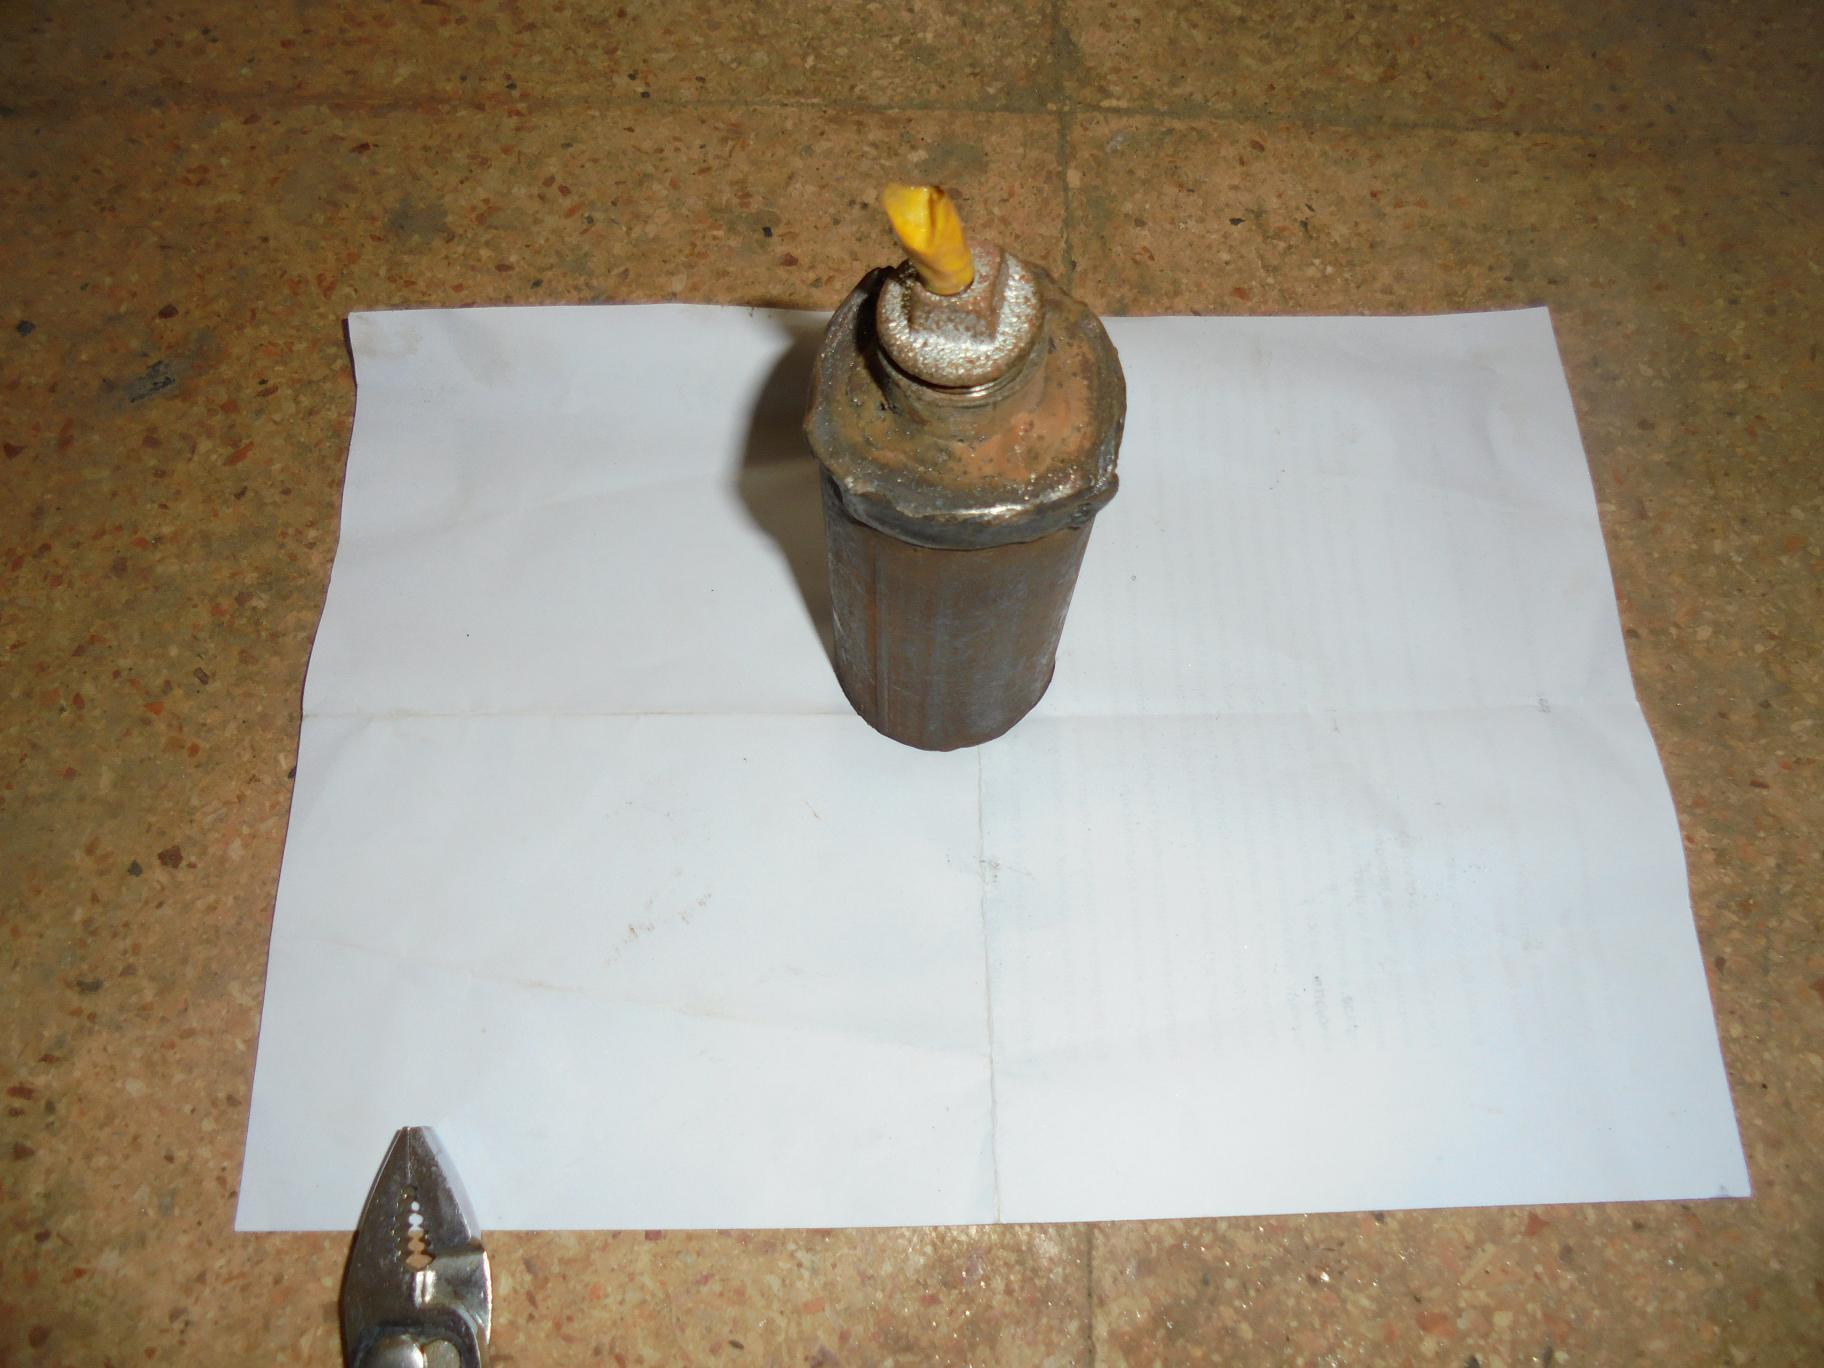 СИРИЯ. Самодельные ручные гранаты захваченные в поселке Кинсаба - 2